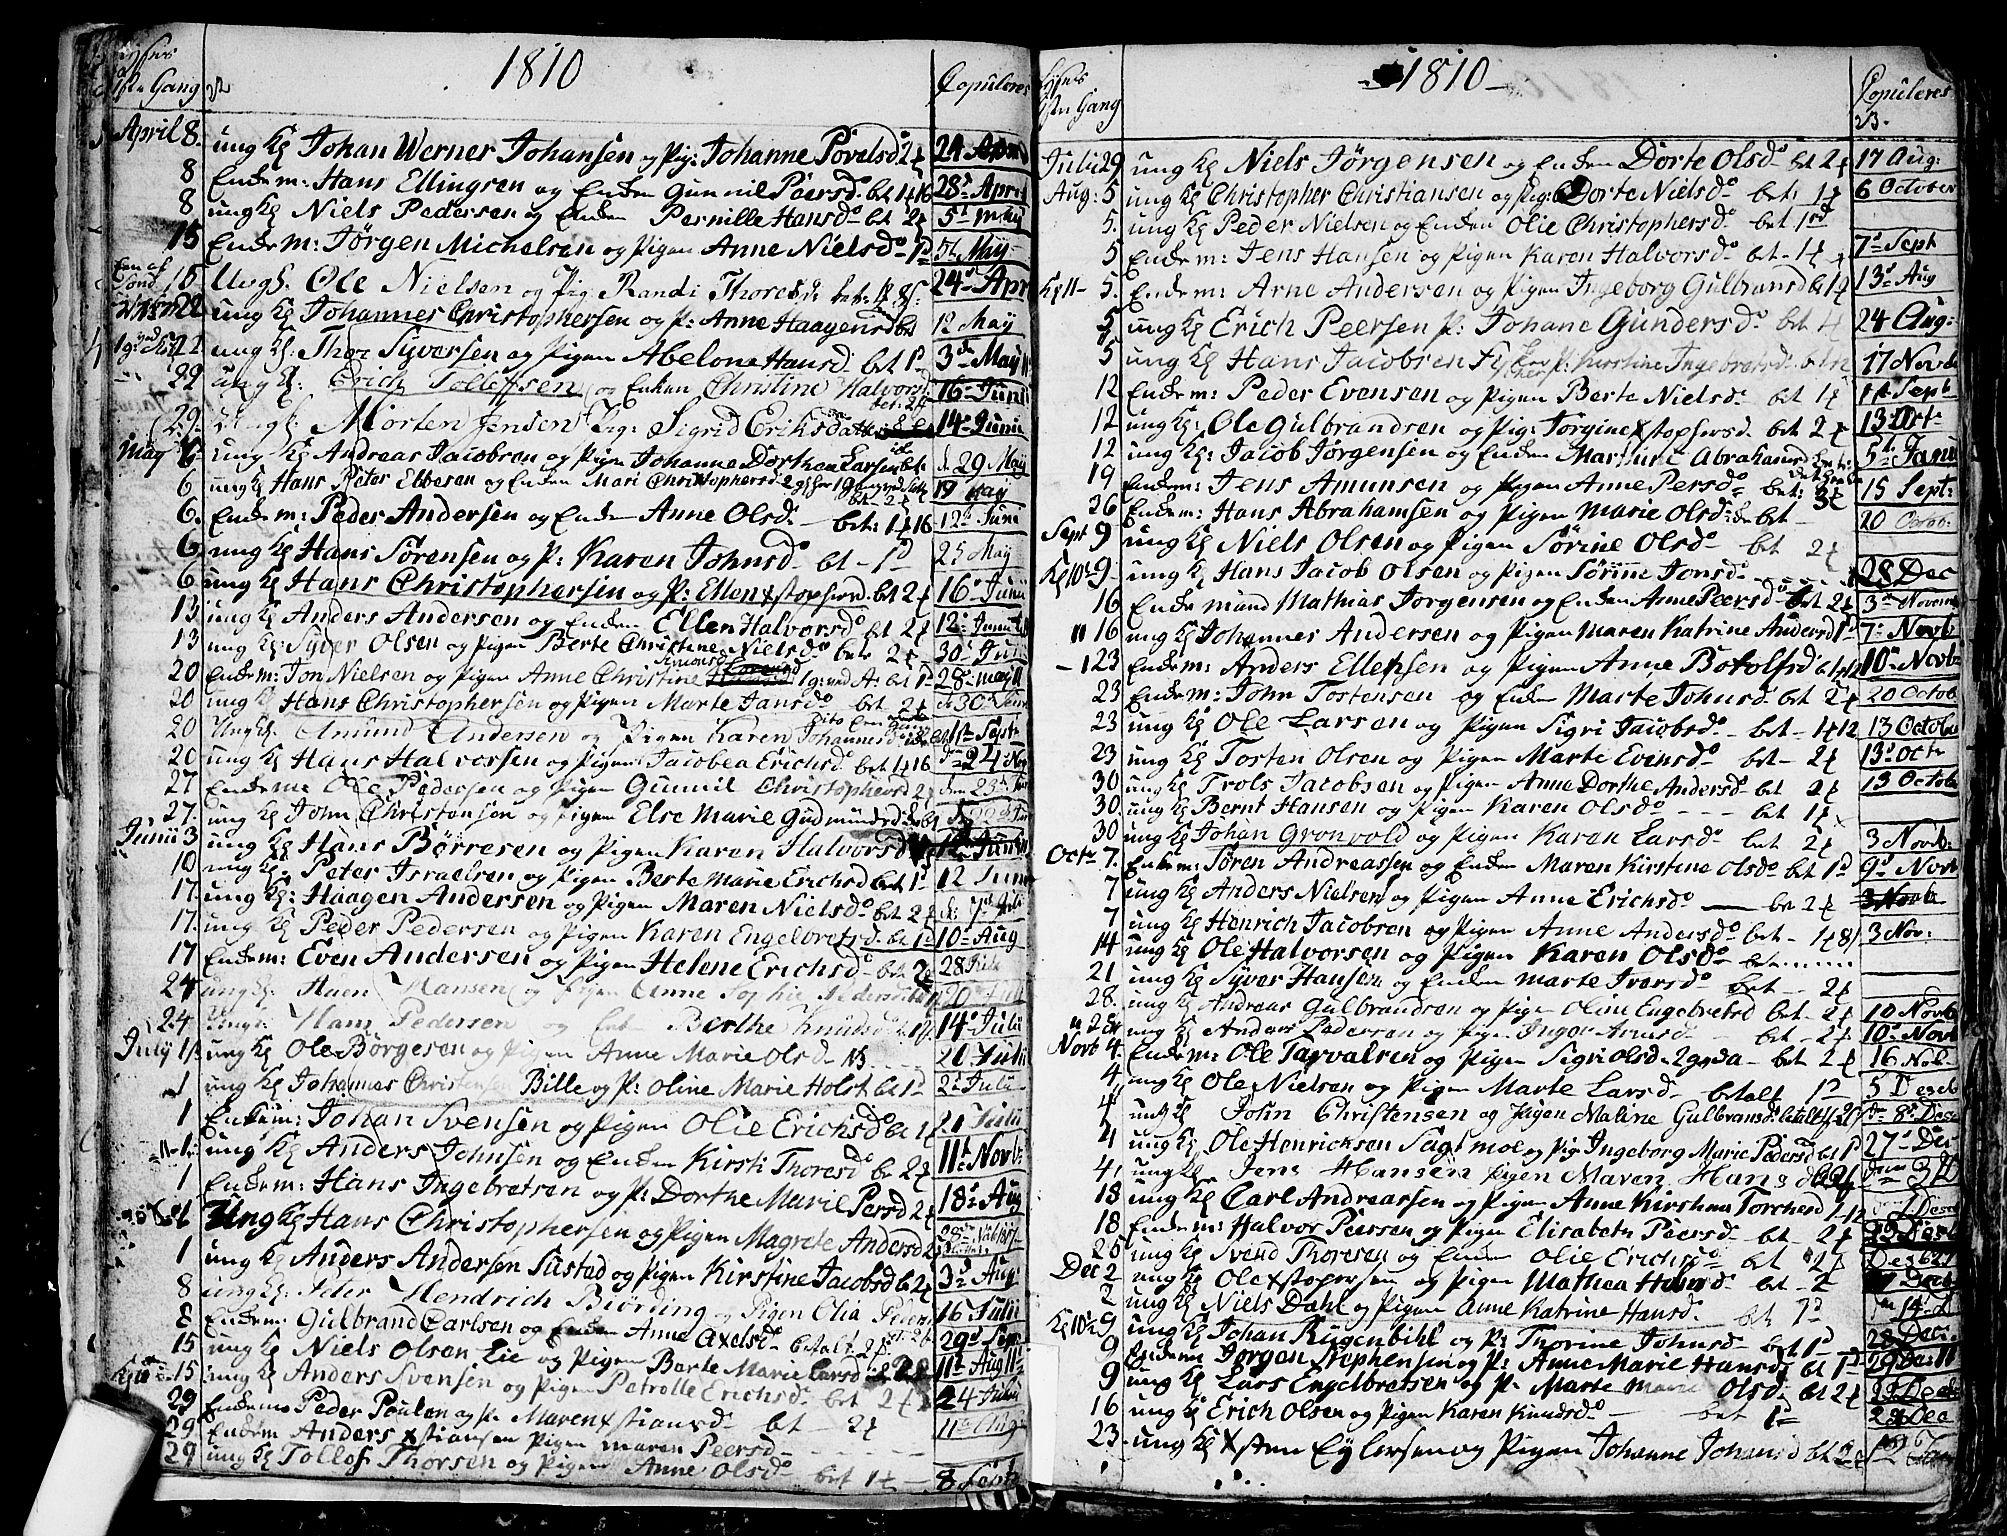 SAO, Aker prestekontor kirkebøker, G/L0001: Klokkerbok nr. 1, 1796-1826, s. 22-23